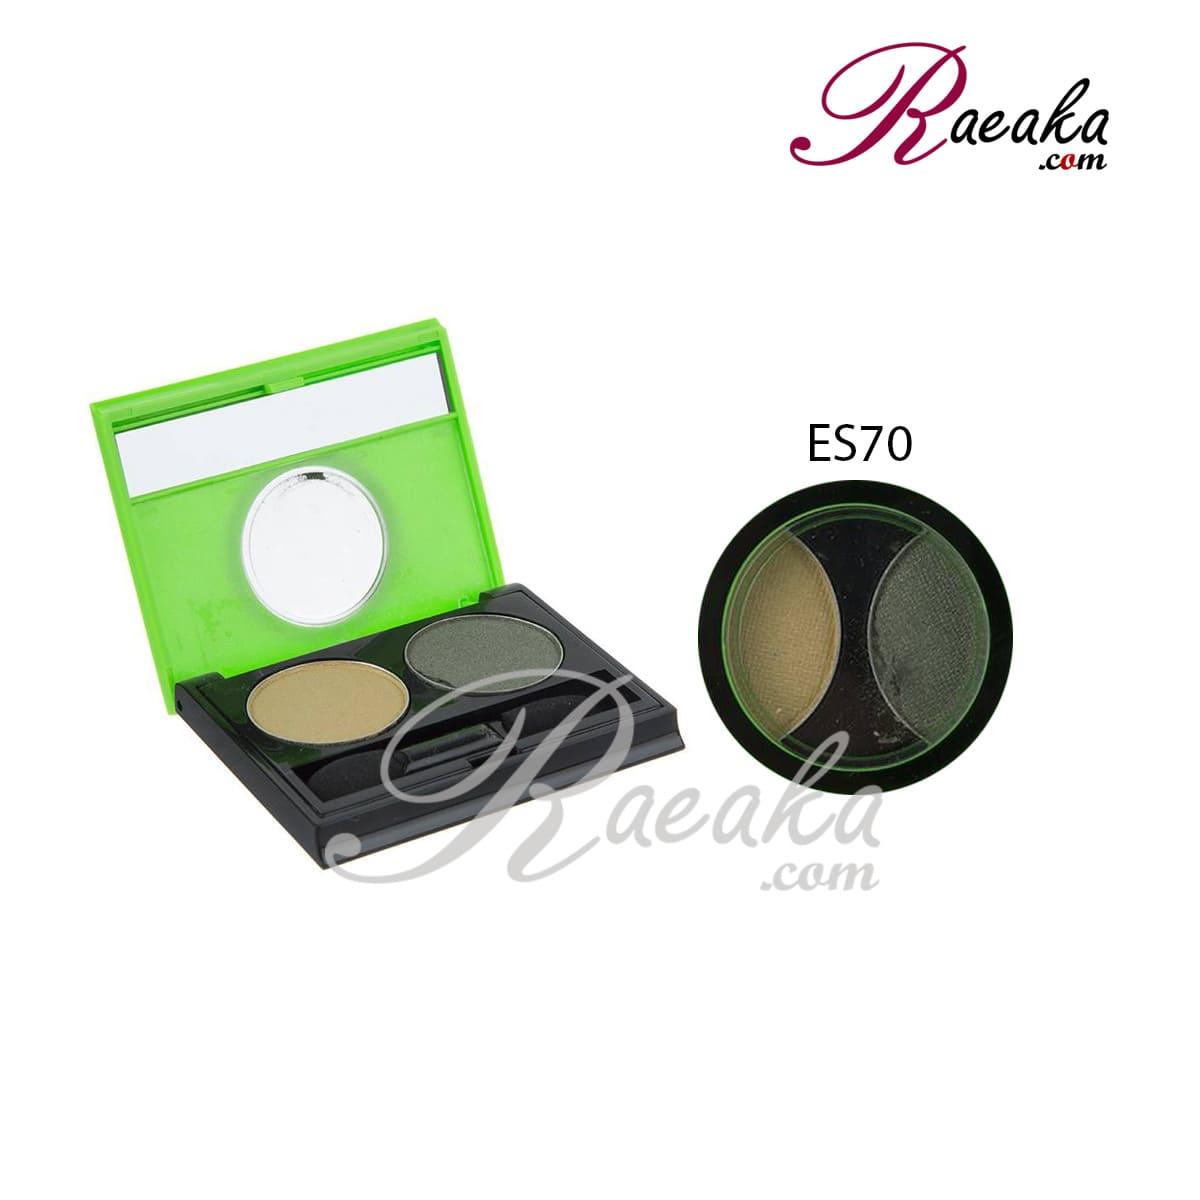 سایه چشم دو تایی کالیستا کد ES70 وزن ۲٫۵*۲ گرم